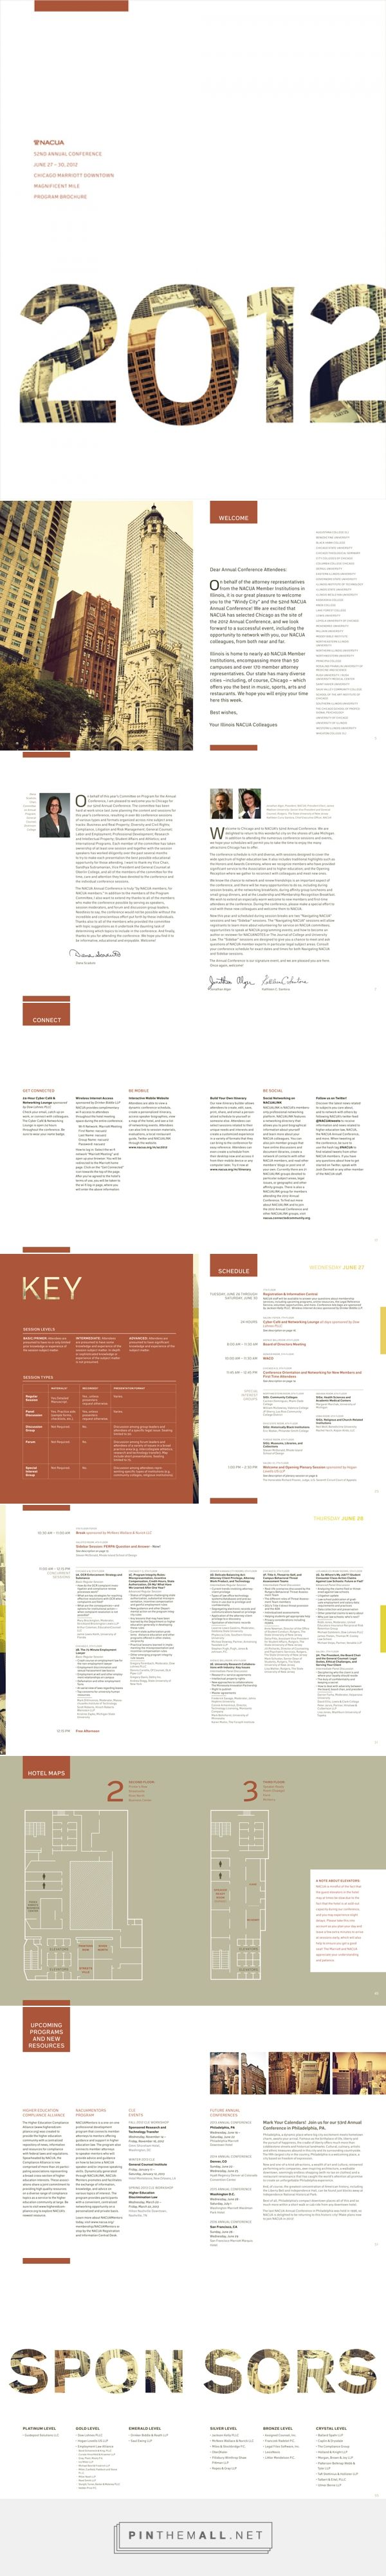 17 best conference images on pinterest conference branding design